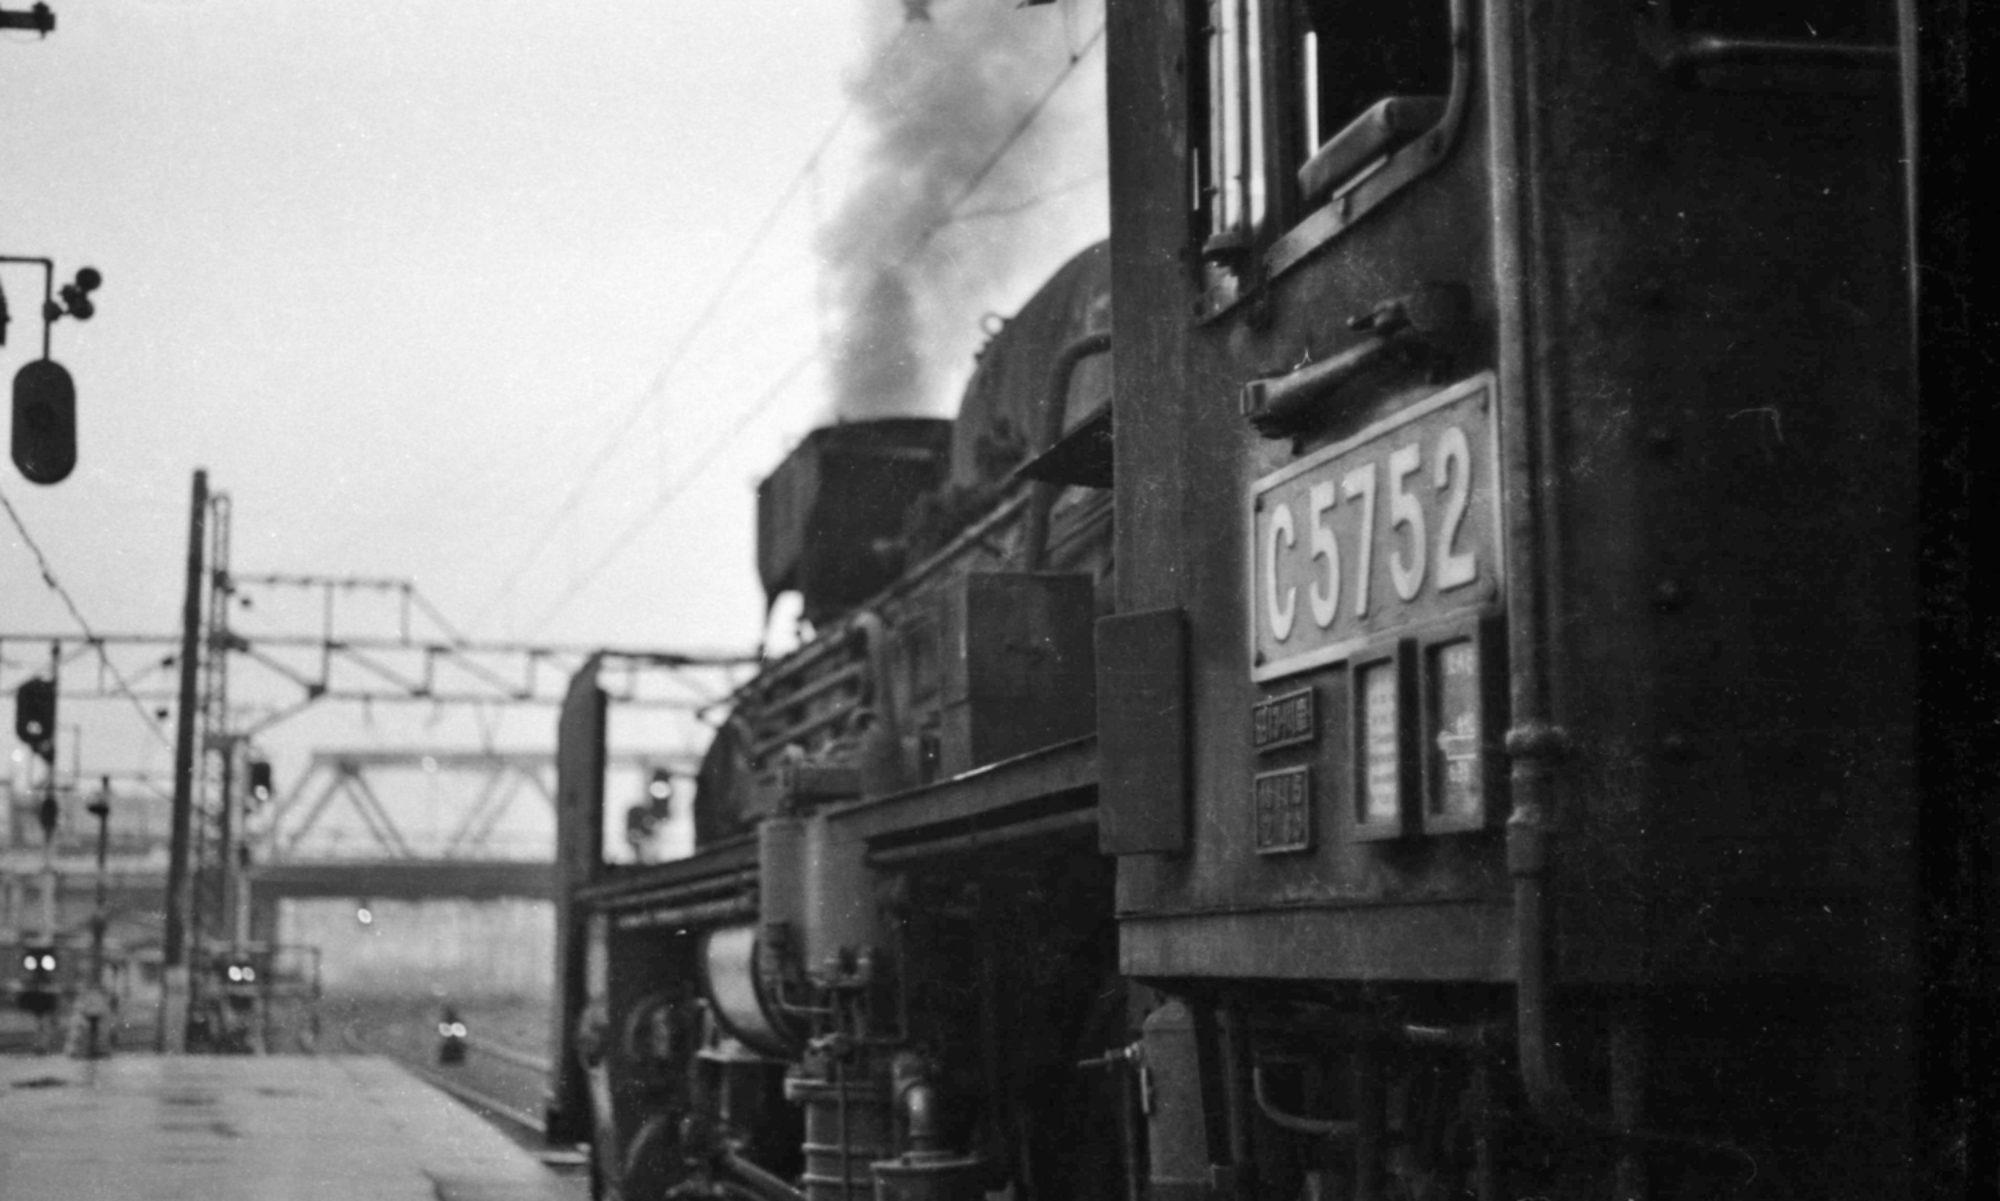 懐かしい蒸気機関車と鉄道風景